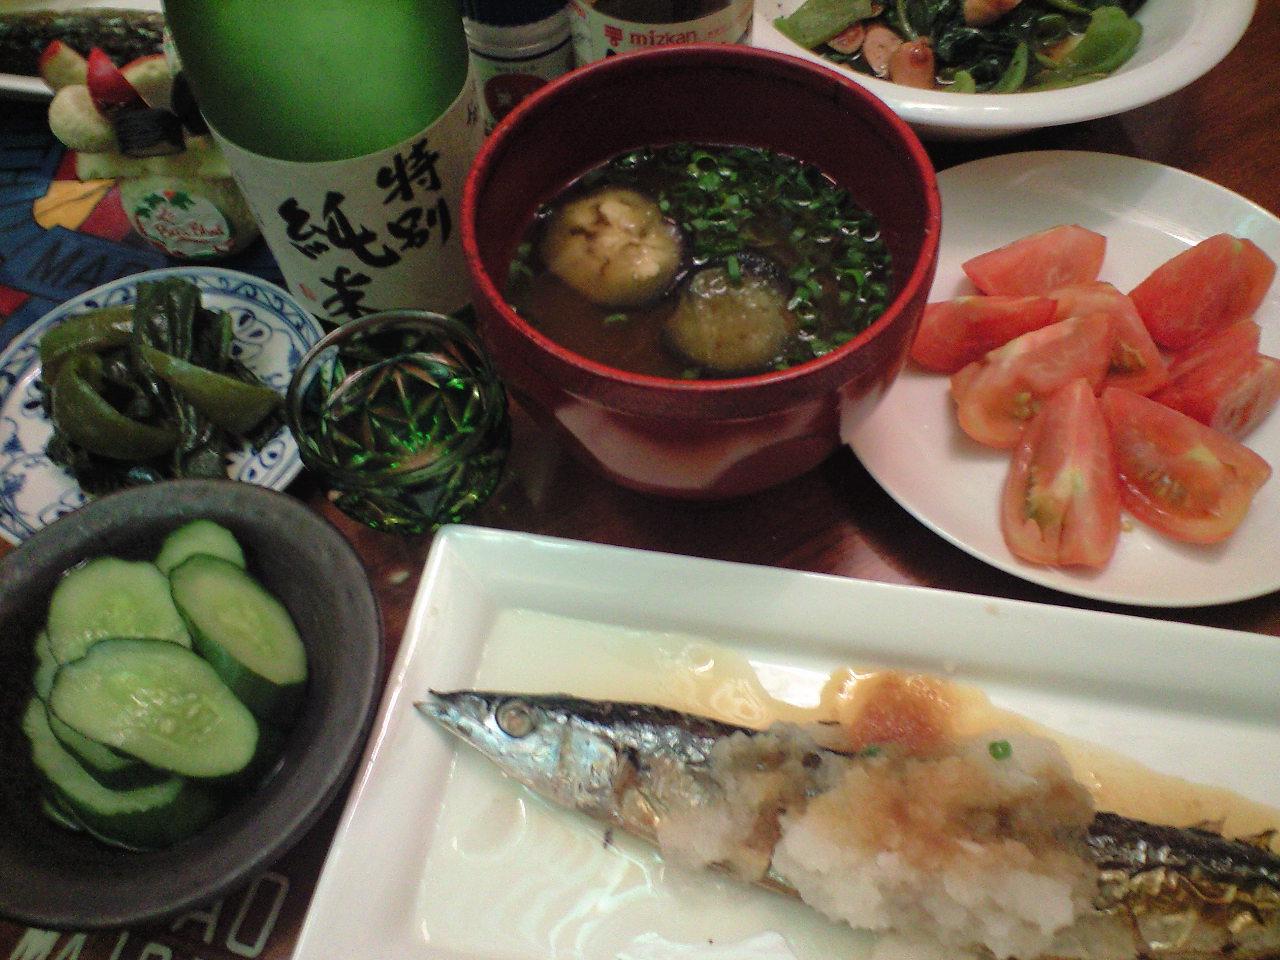 日本の夏、サンマと夏野菜と、日本酒で乾杯〜!